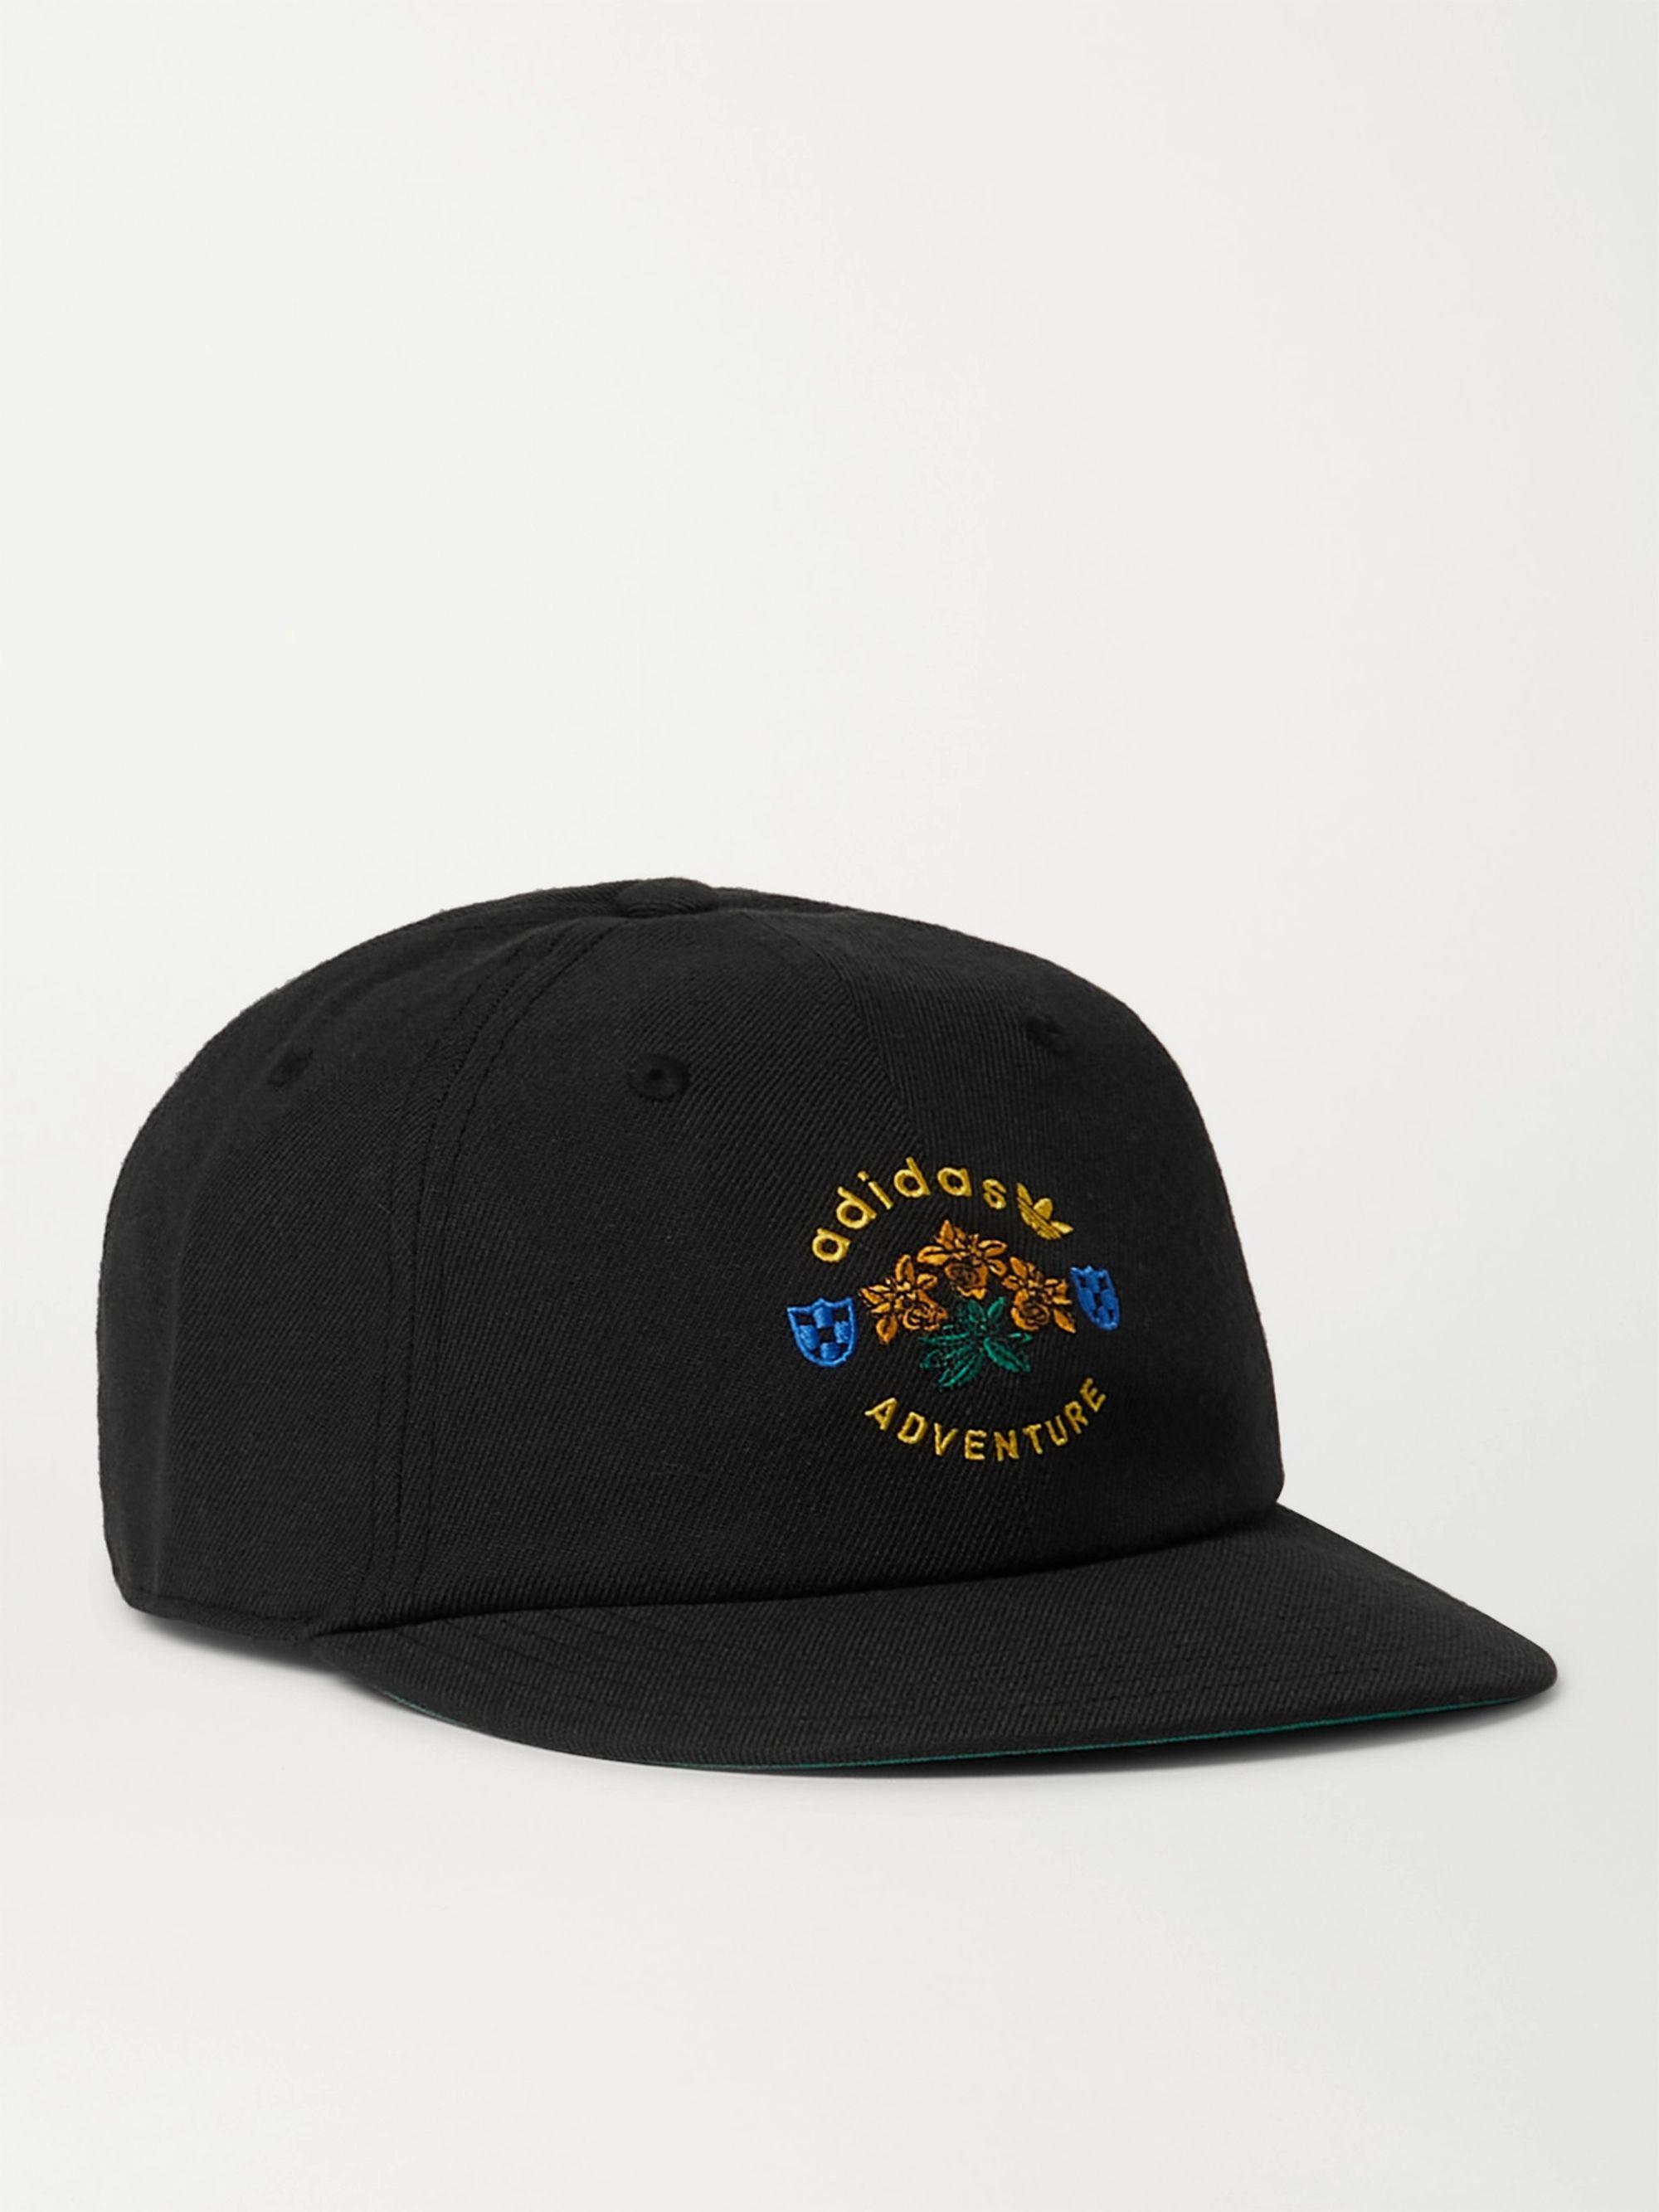 아디다스 볼캡 모자 Adidas Adventure Vintage Logo-Embroidered Twill Baseball Cap,Black